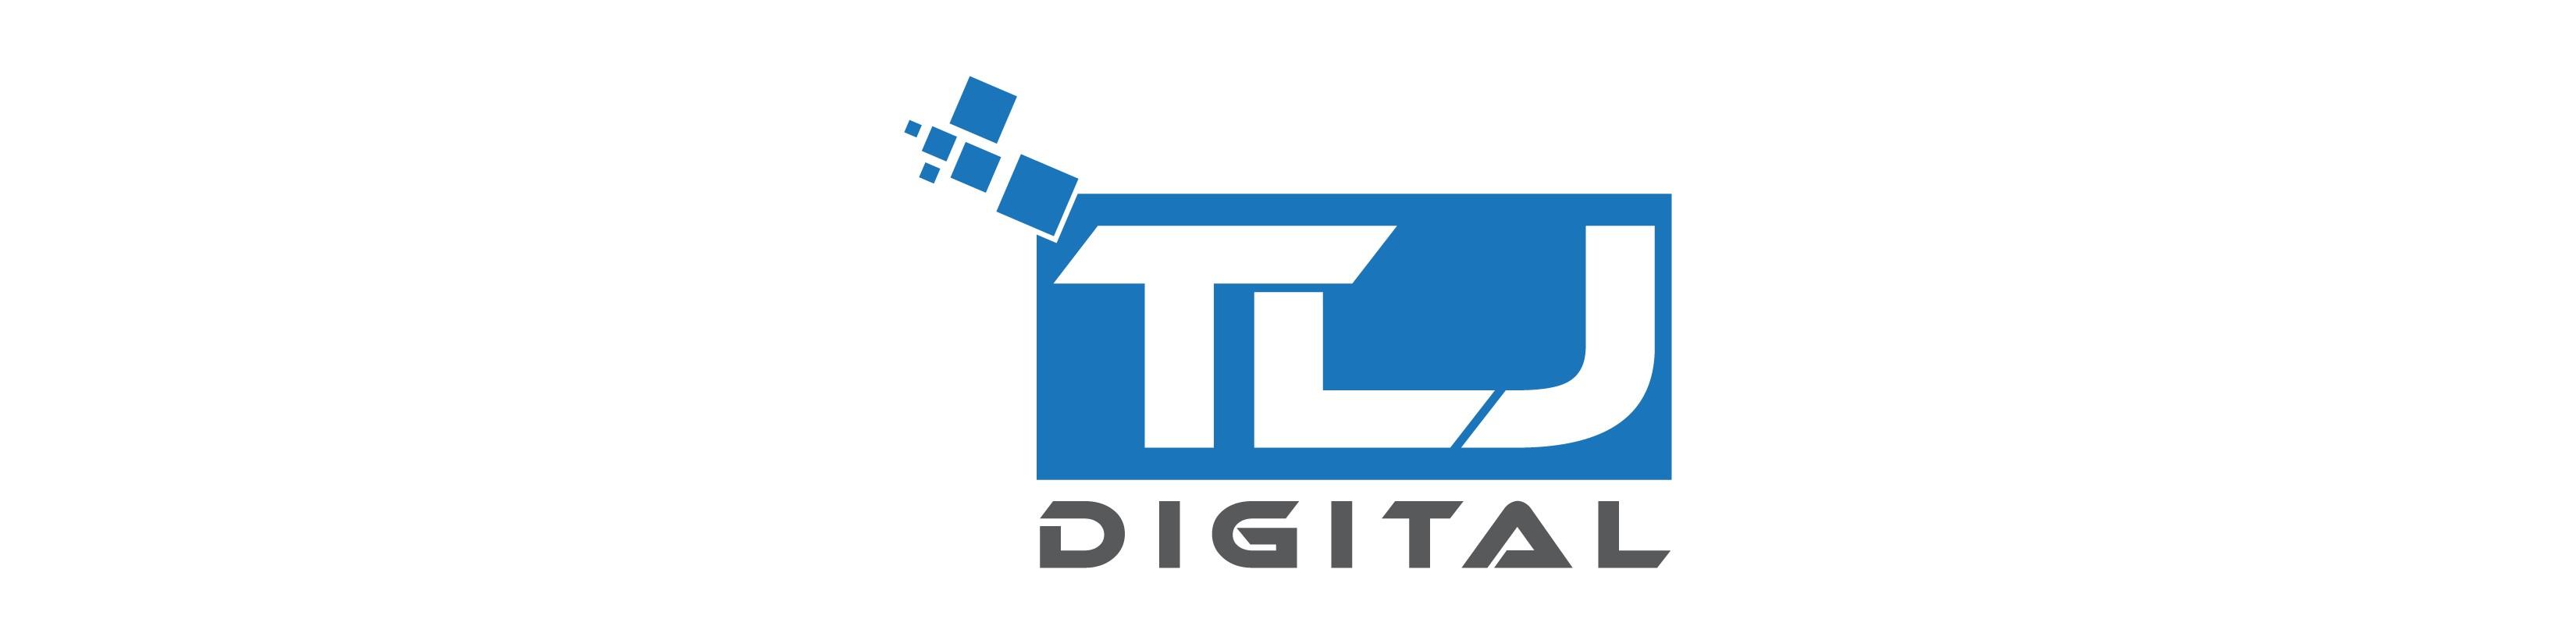 TLJ Digital